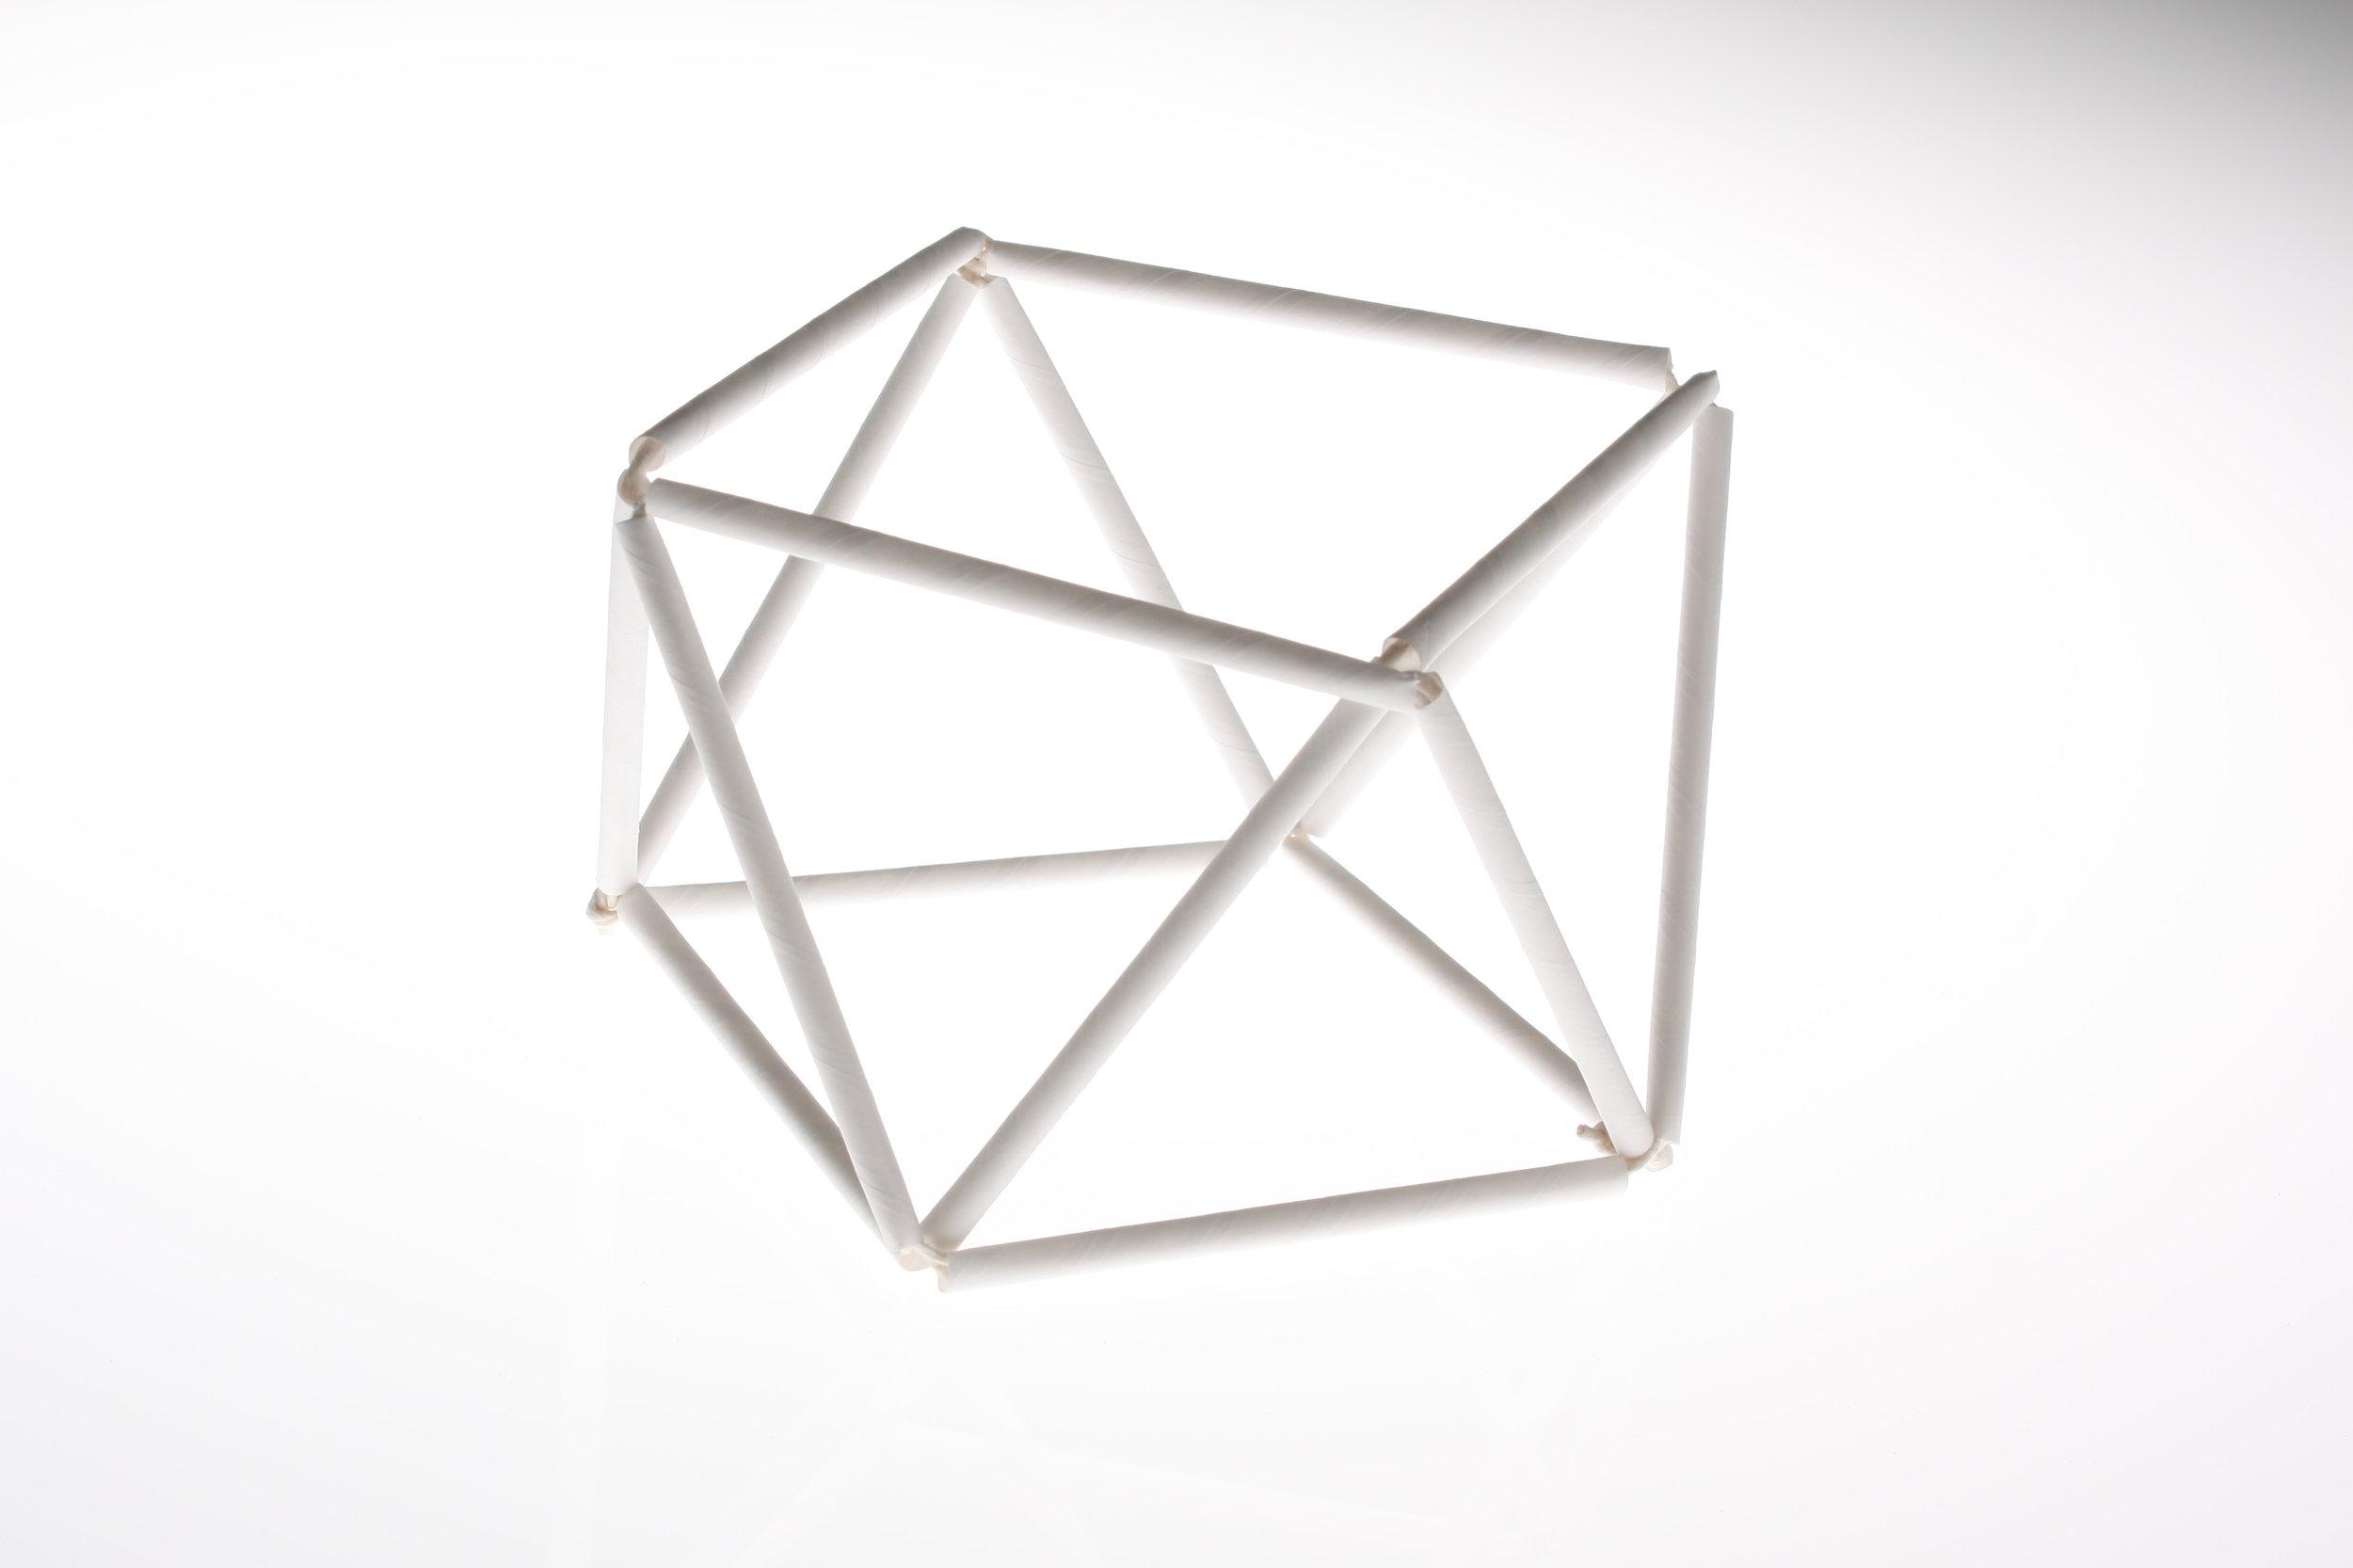 maquette 6 rebecca howson crane away